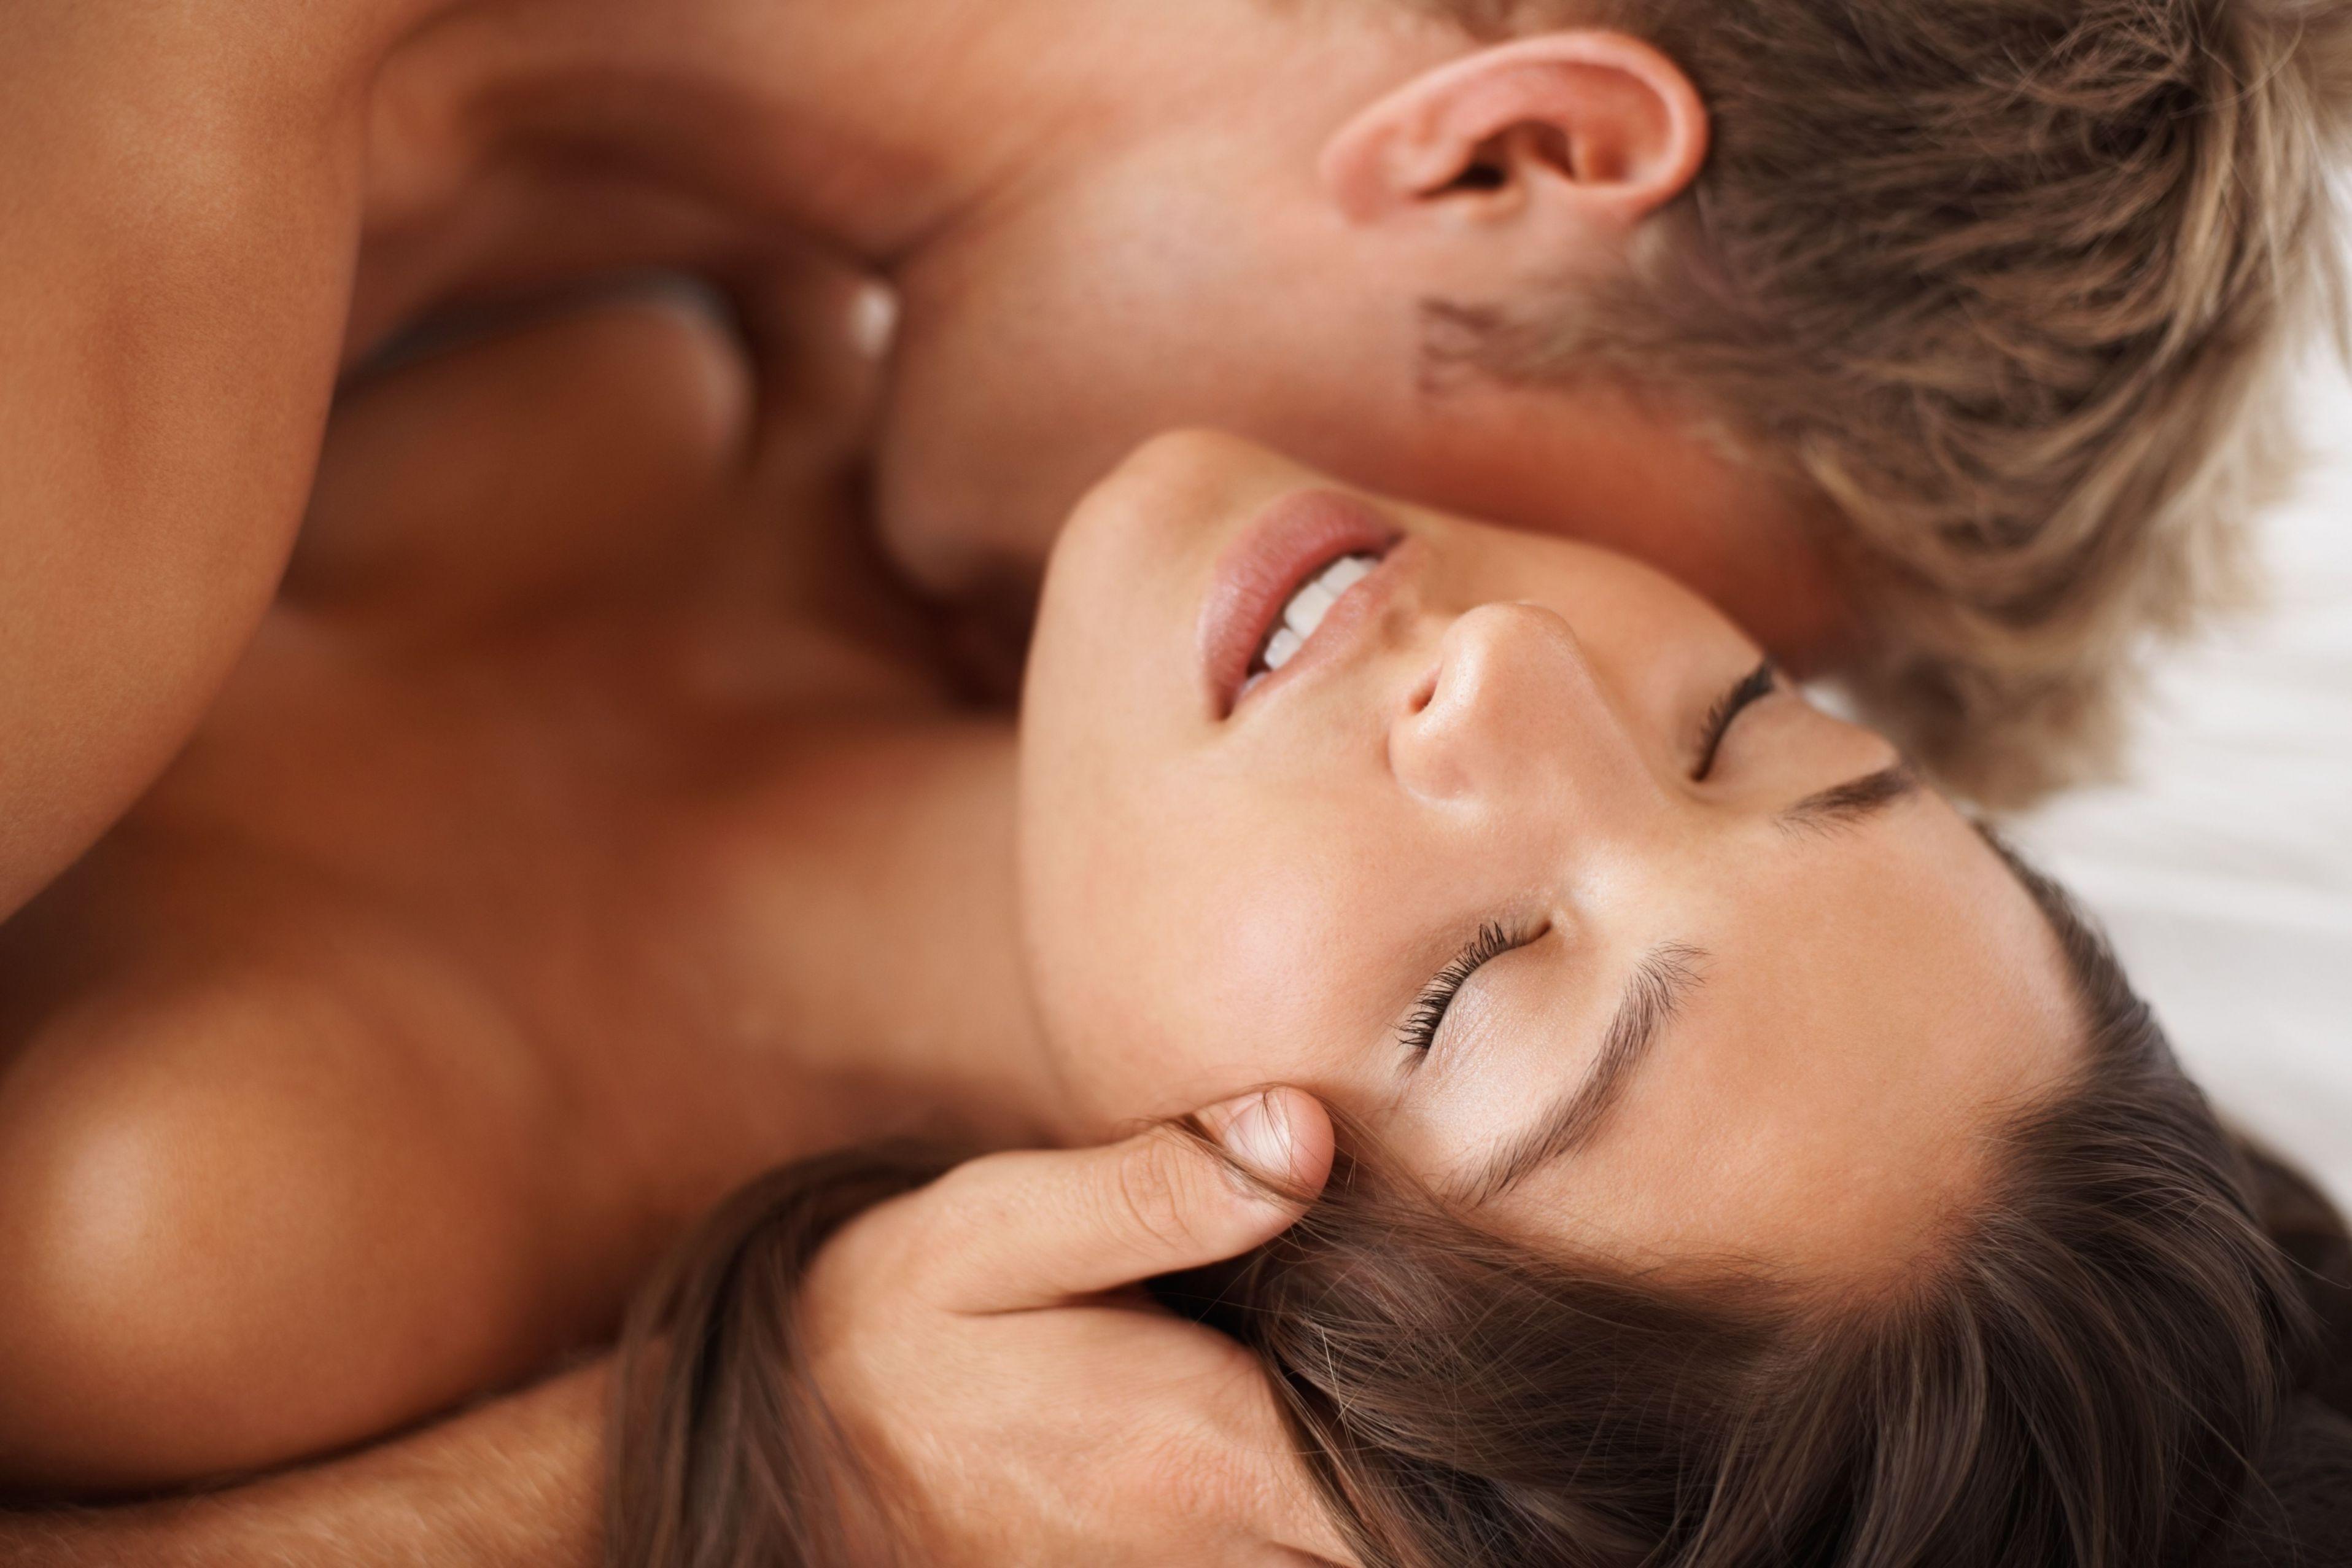 Як правильно заниматися сексом фото 27 фотография